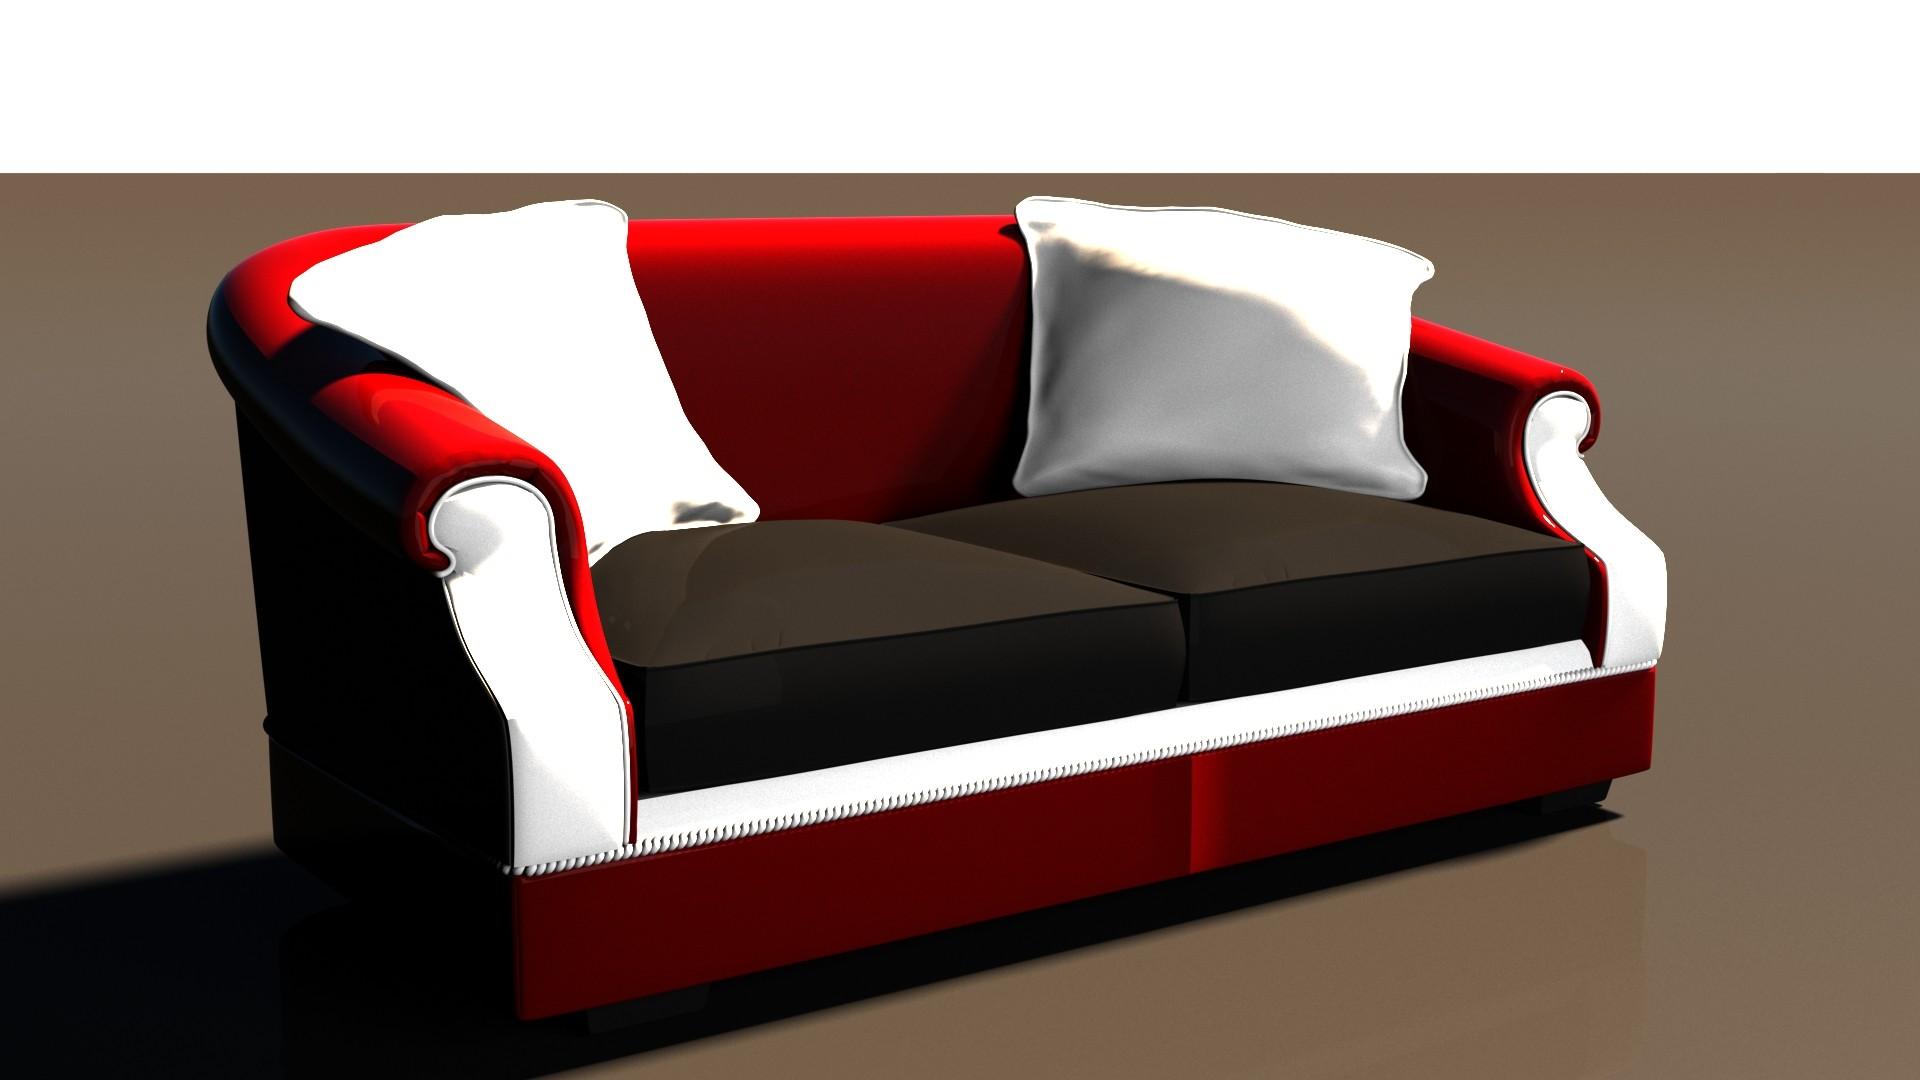 sofa architecture 3d model